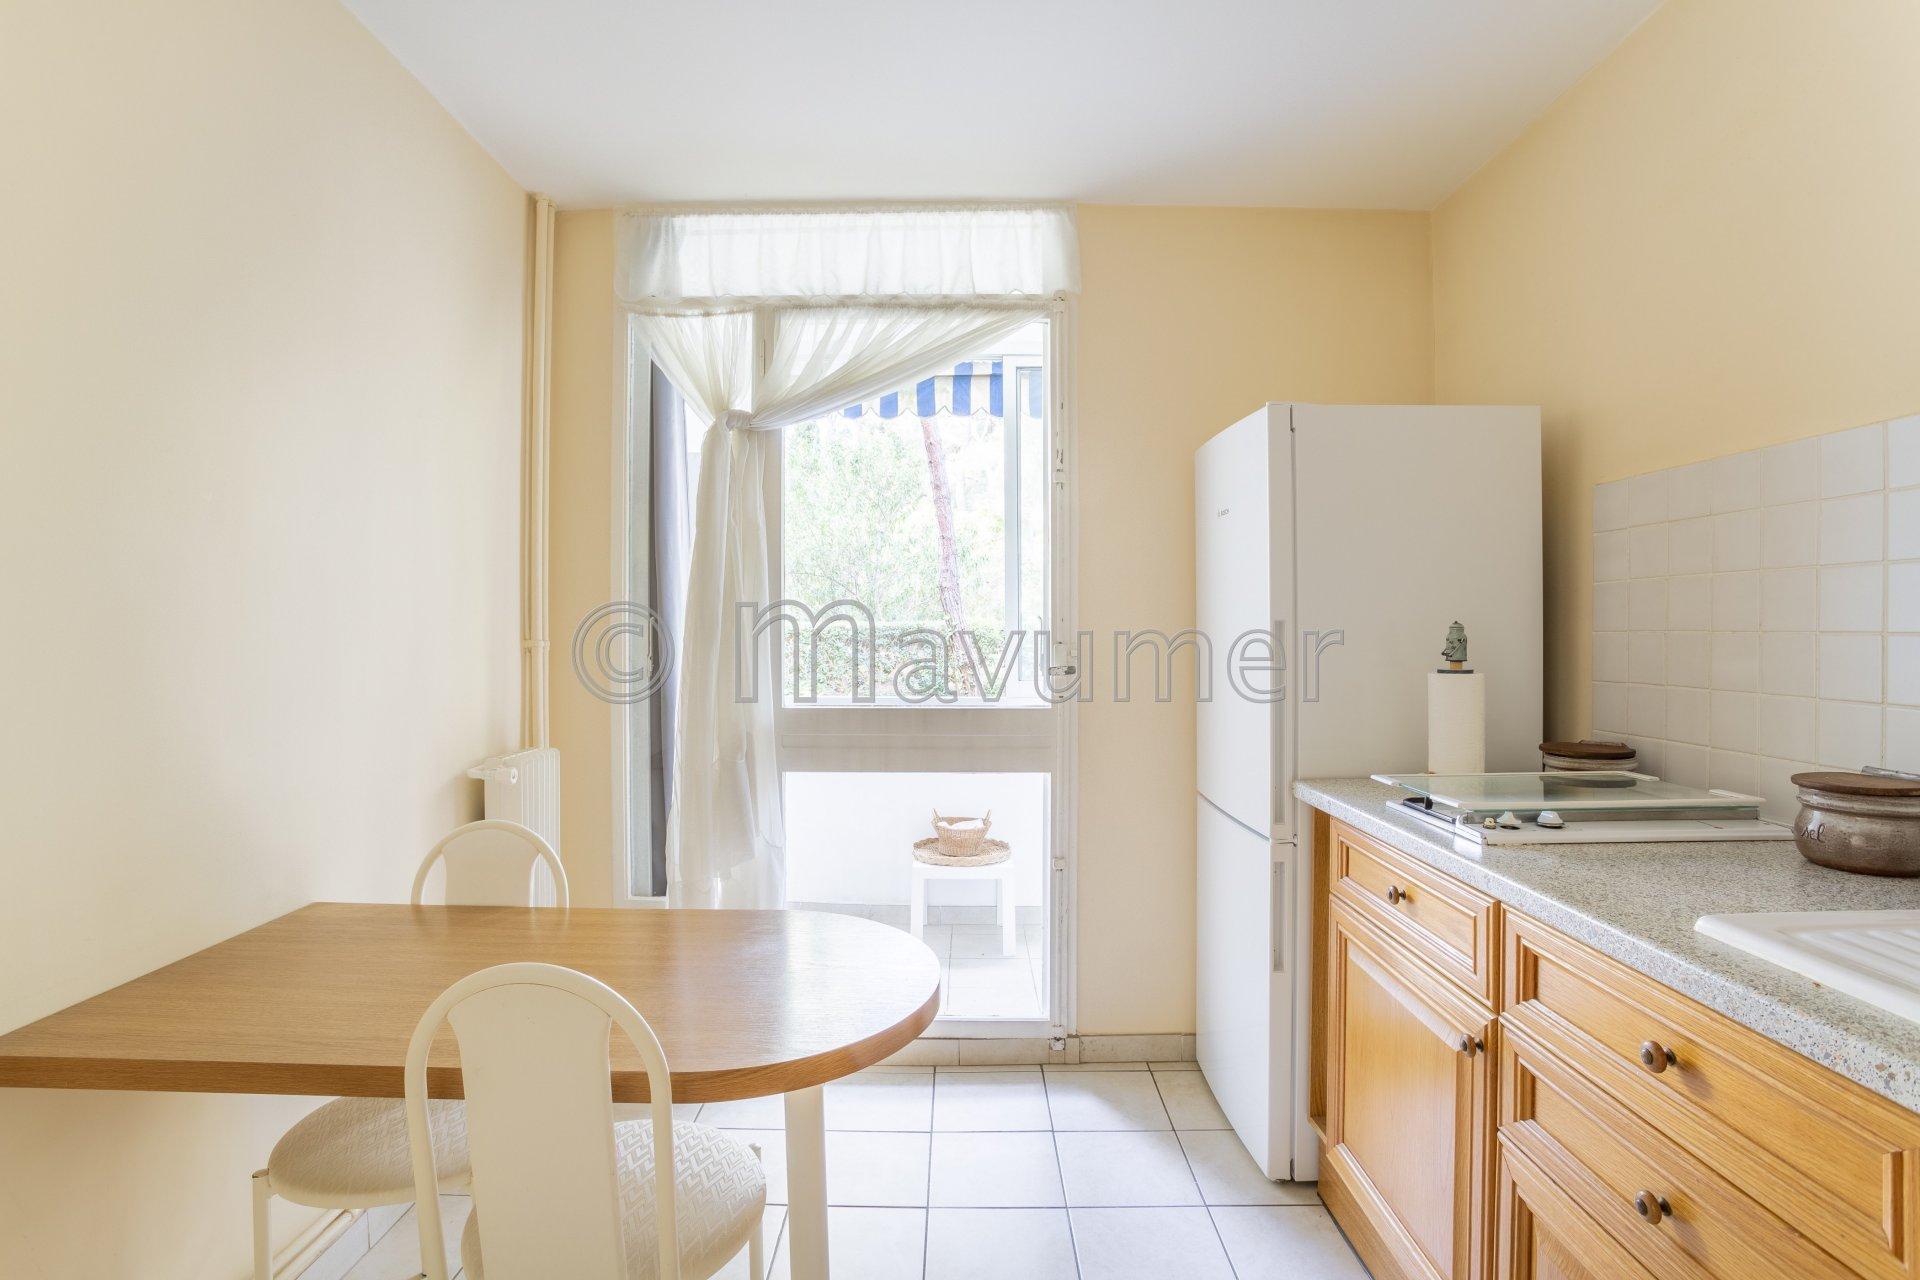 Appartement de type 3/4 - Marseille 13008 - Roy d'Espagne